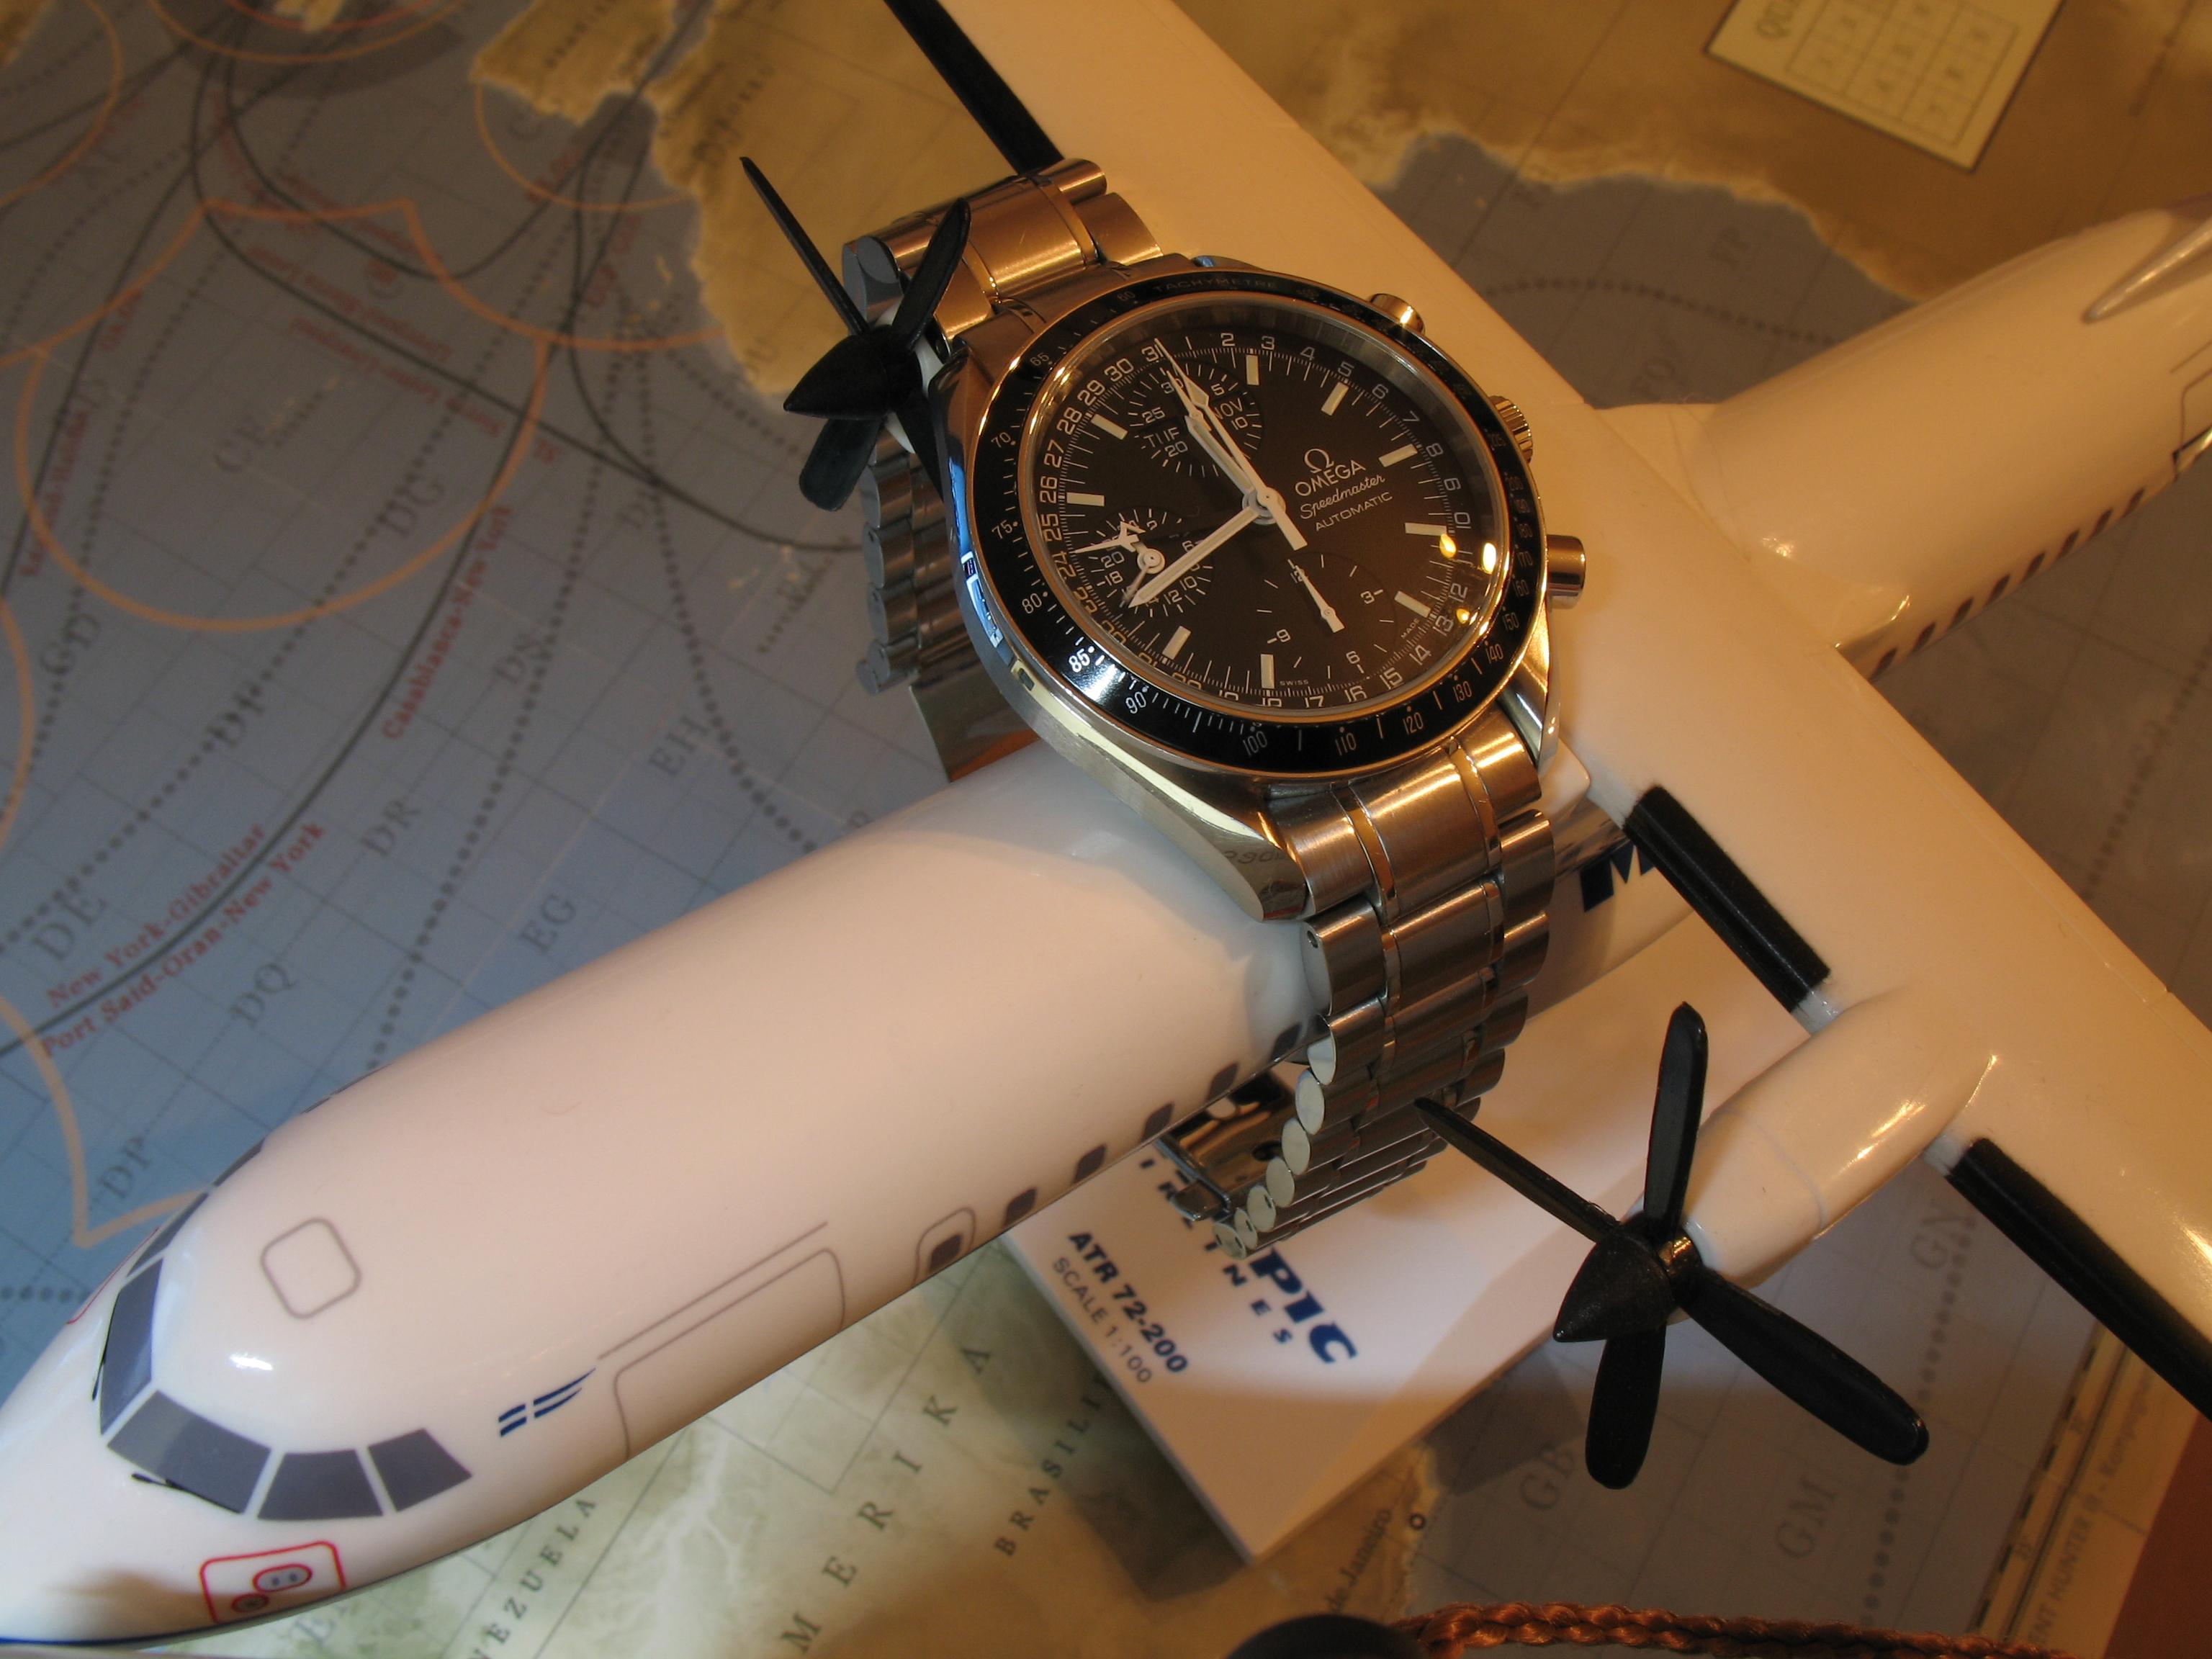 ρολόι χειρός  τί φοράτε ποιο θα θέλατε  - Σελίδα 272 - Μπλα Μπλα ... fd19dc94535